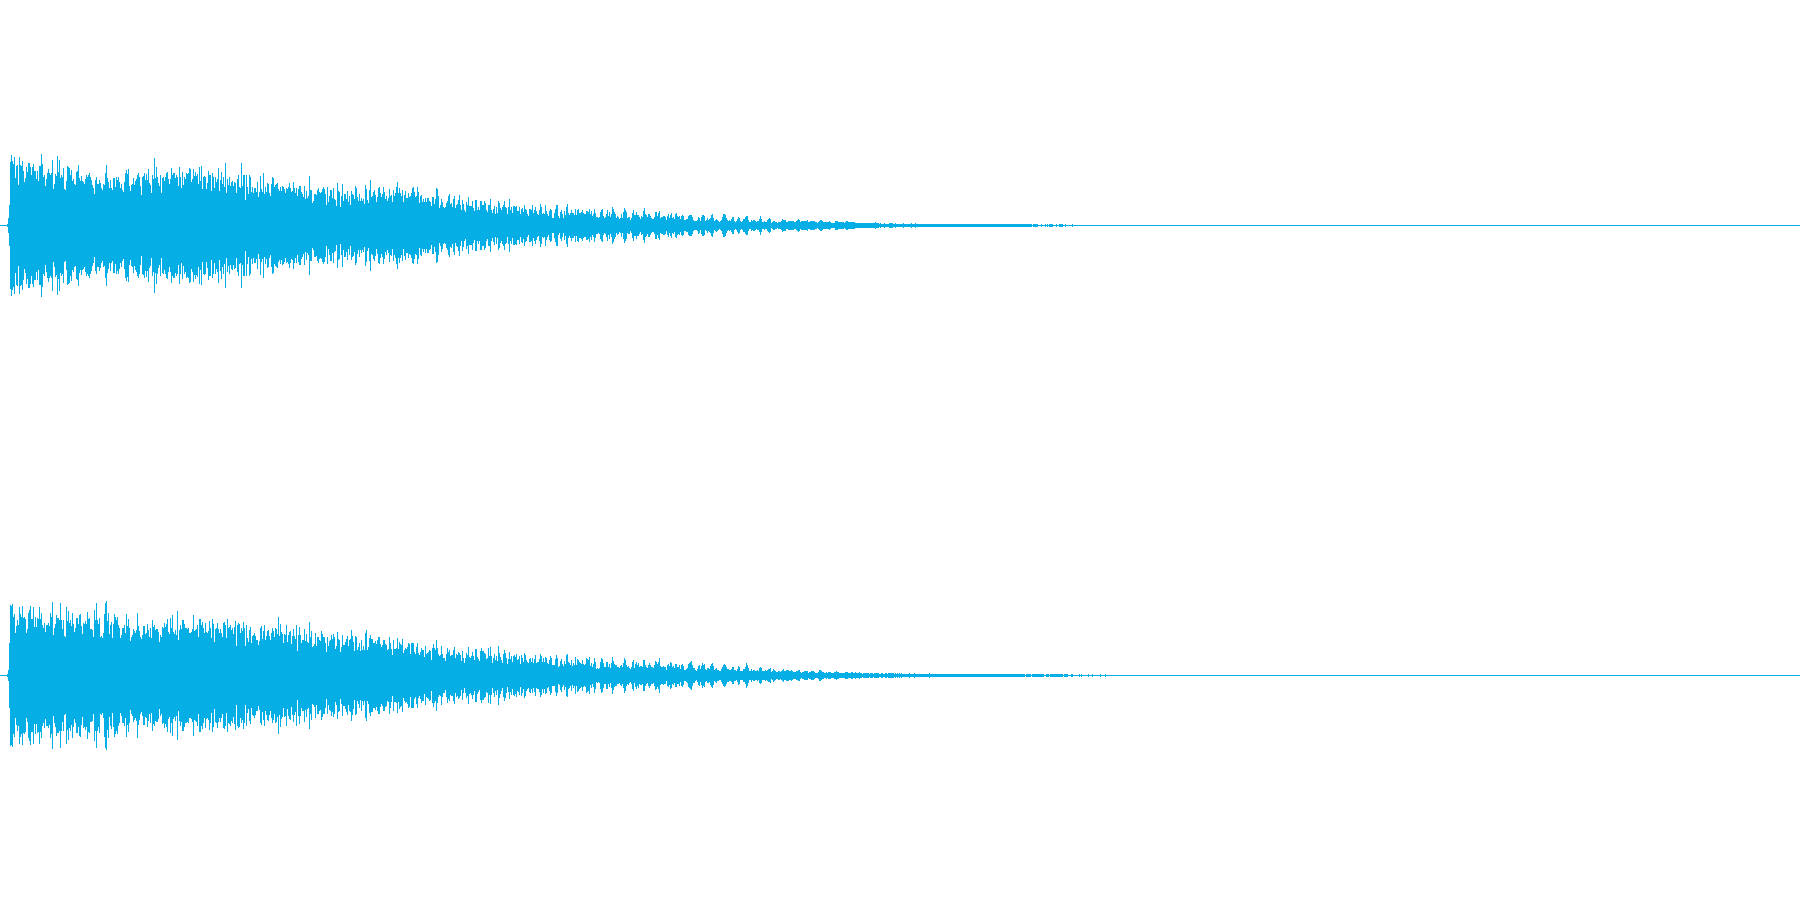 魔法効果音(重力波、暗いイメージ)の再生済みの波形